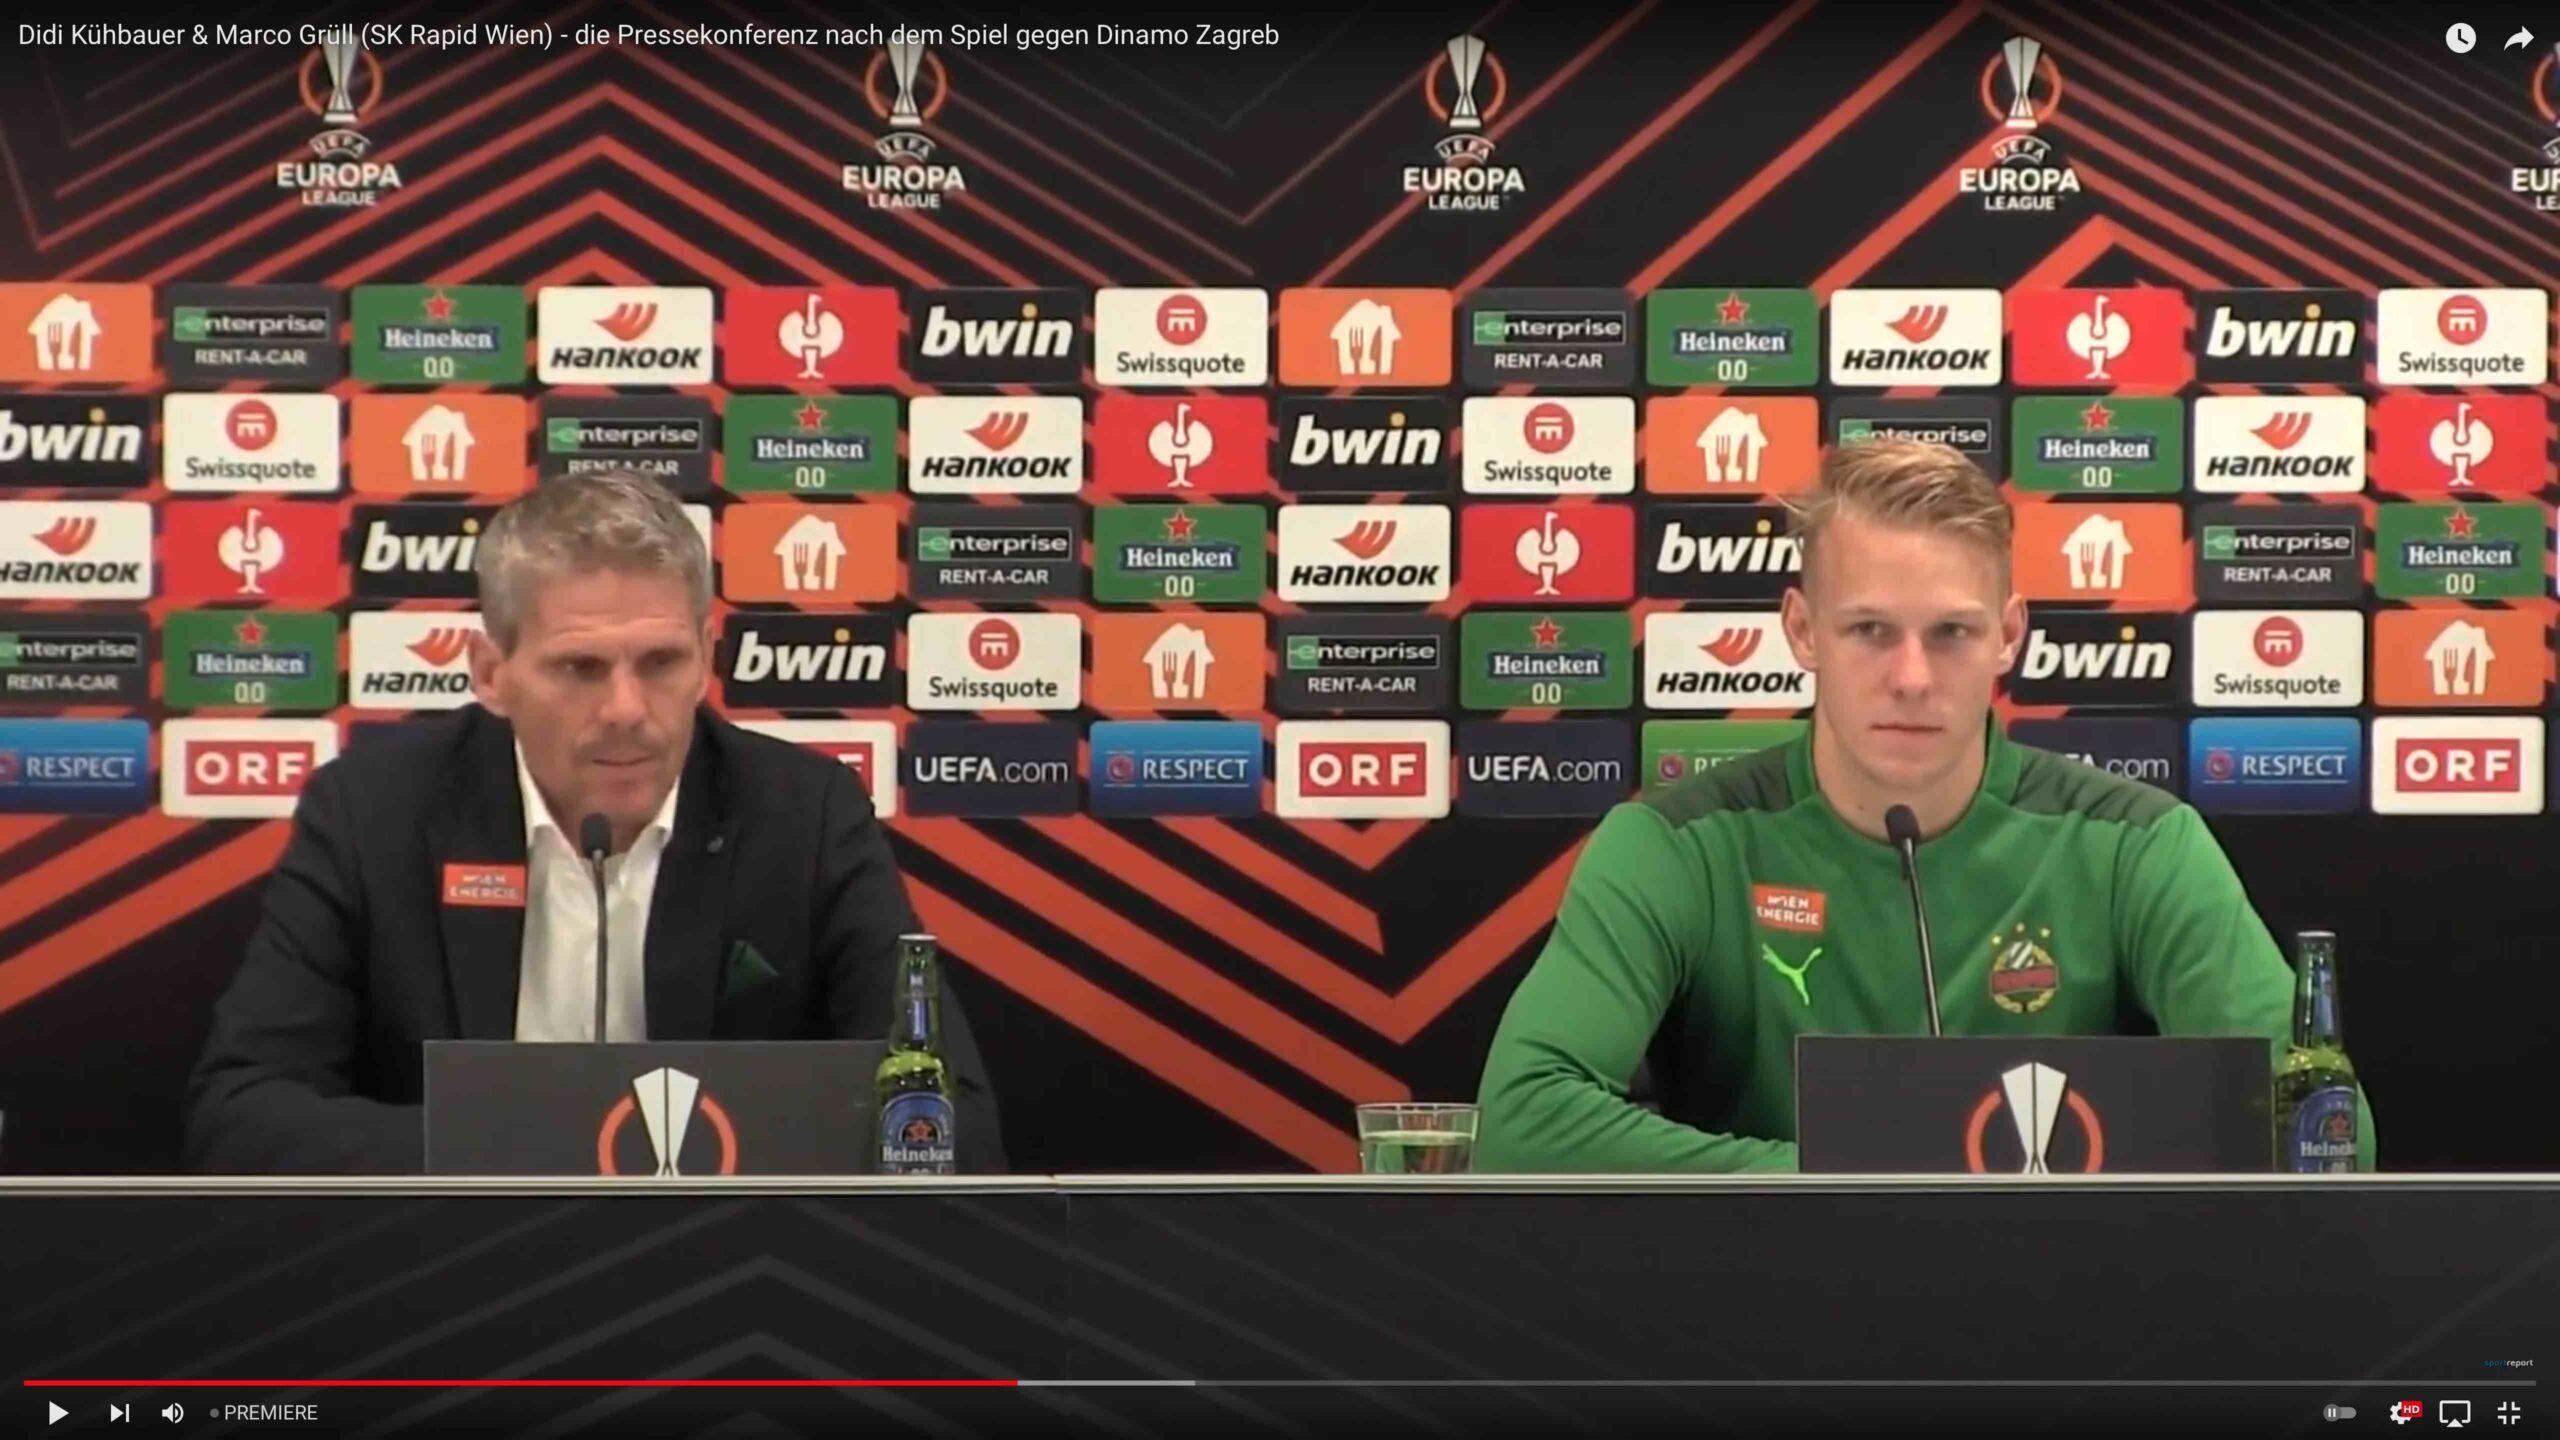 Video: Didi Kühbauer (Trainer SK Rapid Wien) - die Pressekonferenz nach dem Spiel gegen Dinamo Zagreb